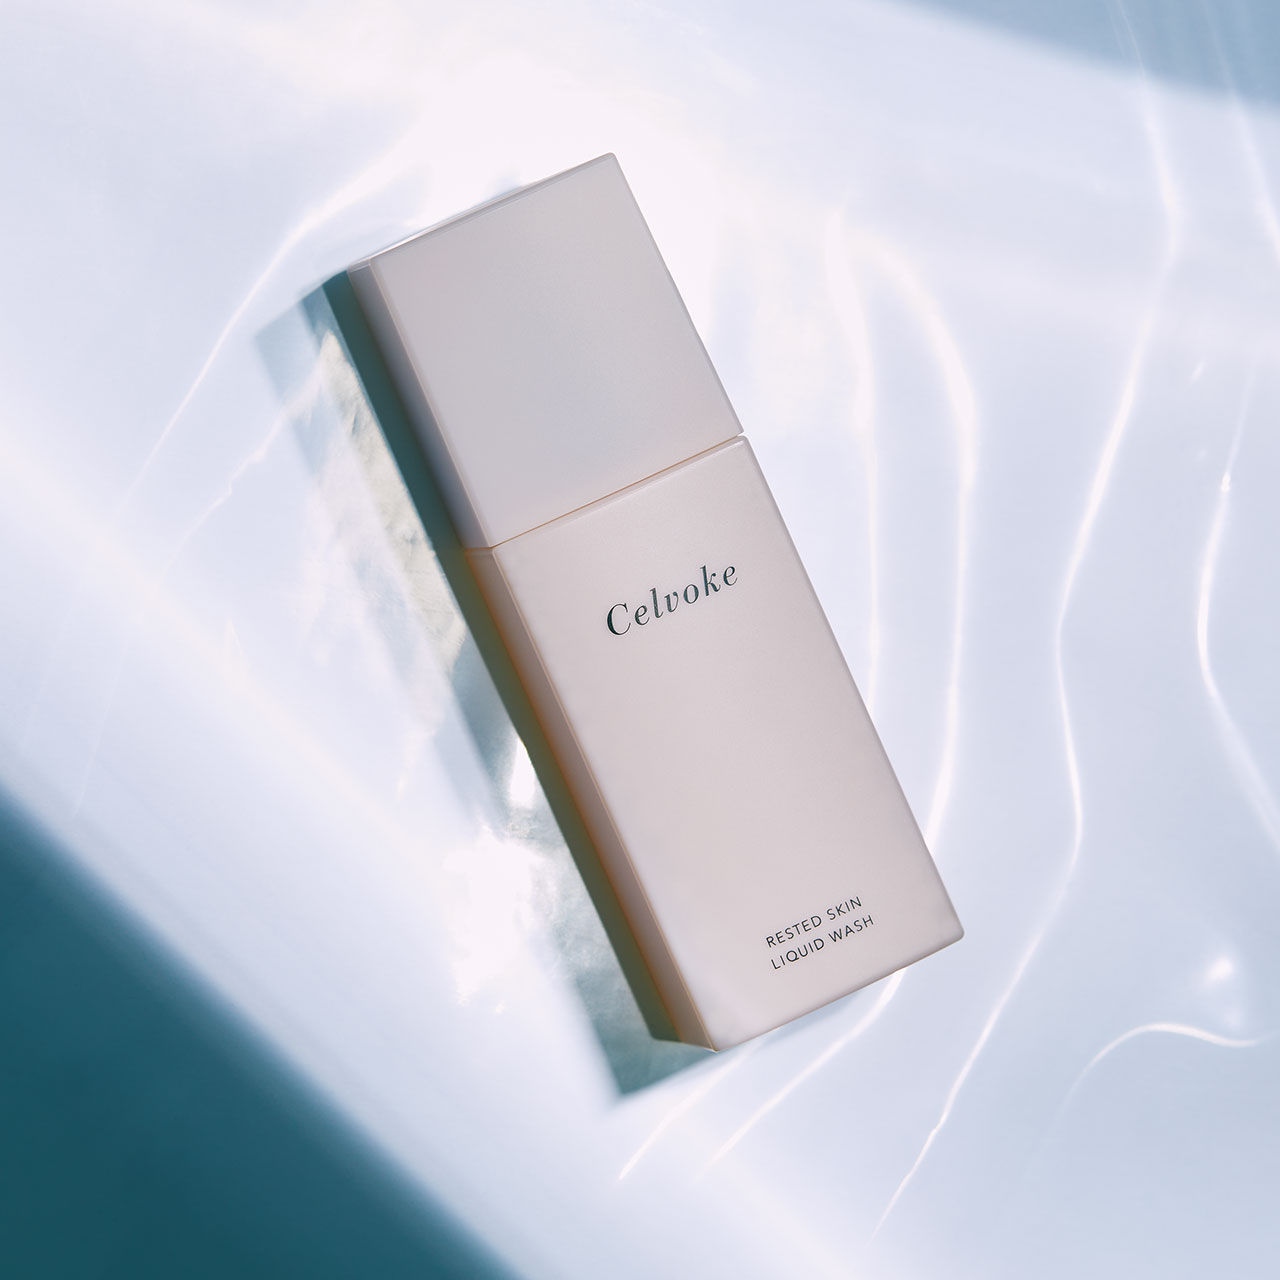 Celvoke レステッドスキン リキッドウォッシュ 120㎖ ¥3,200